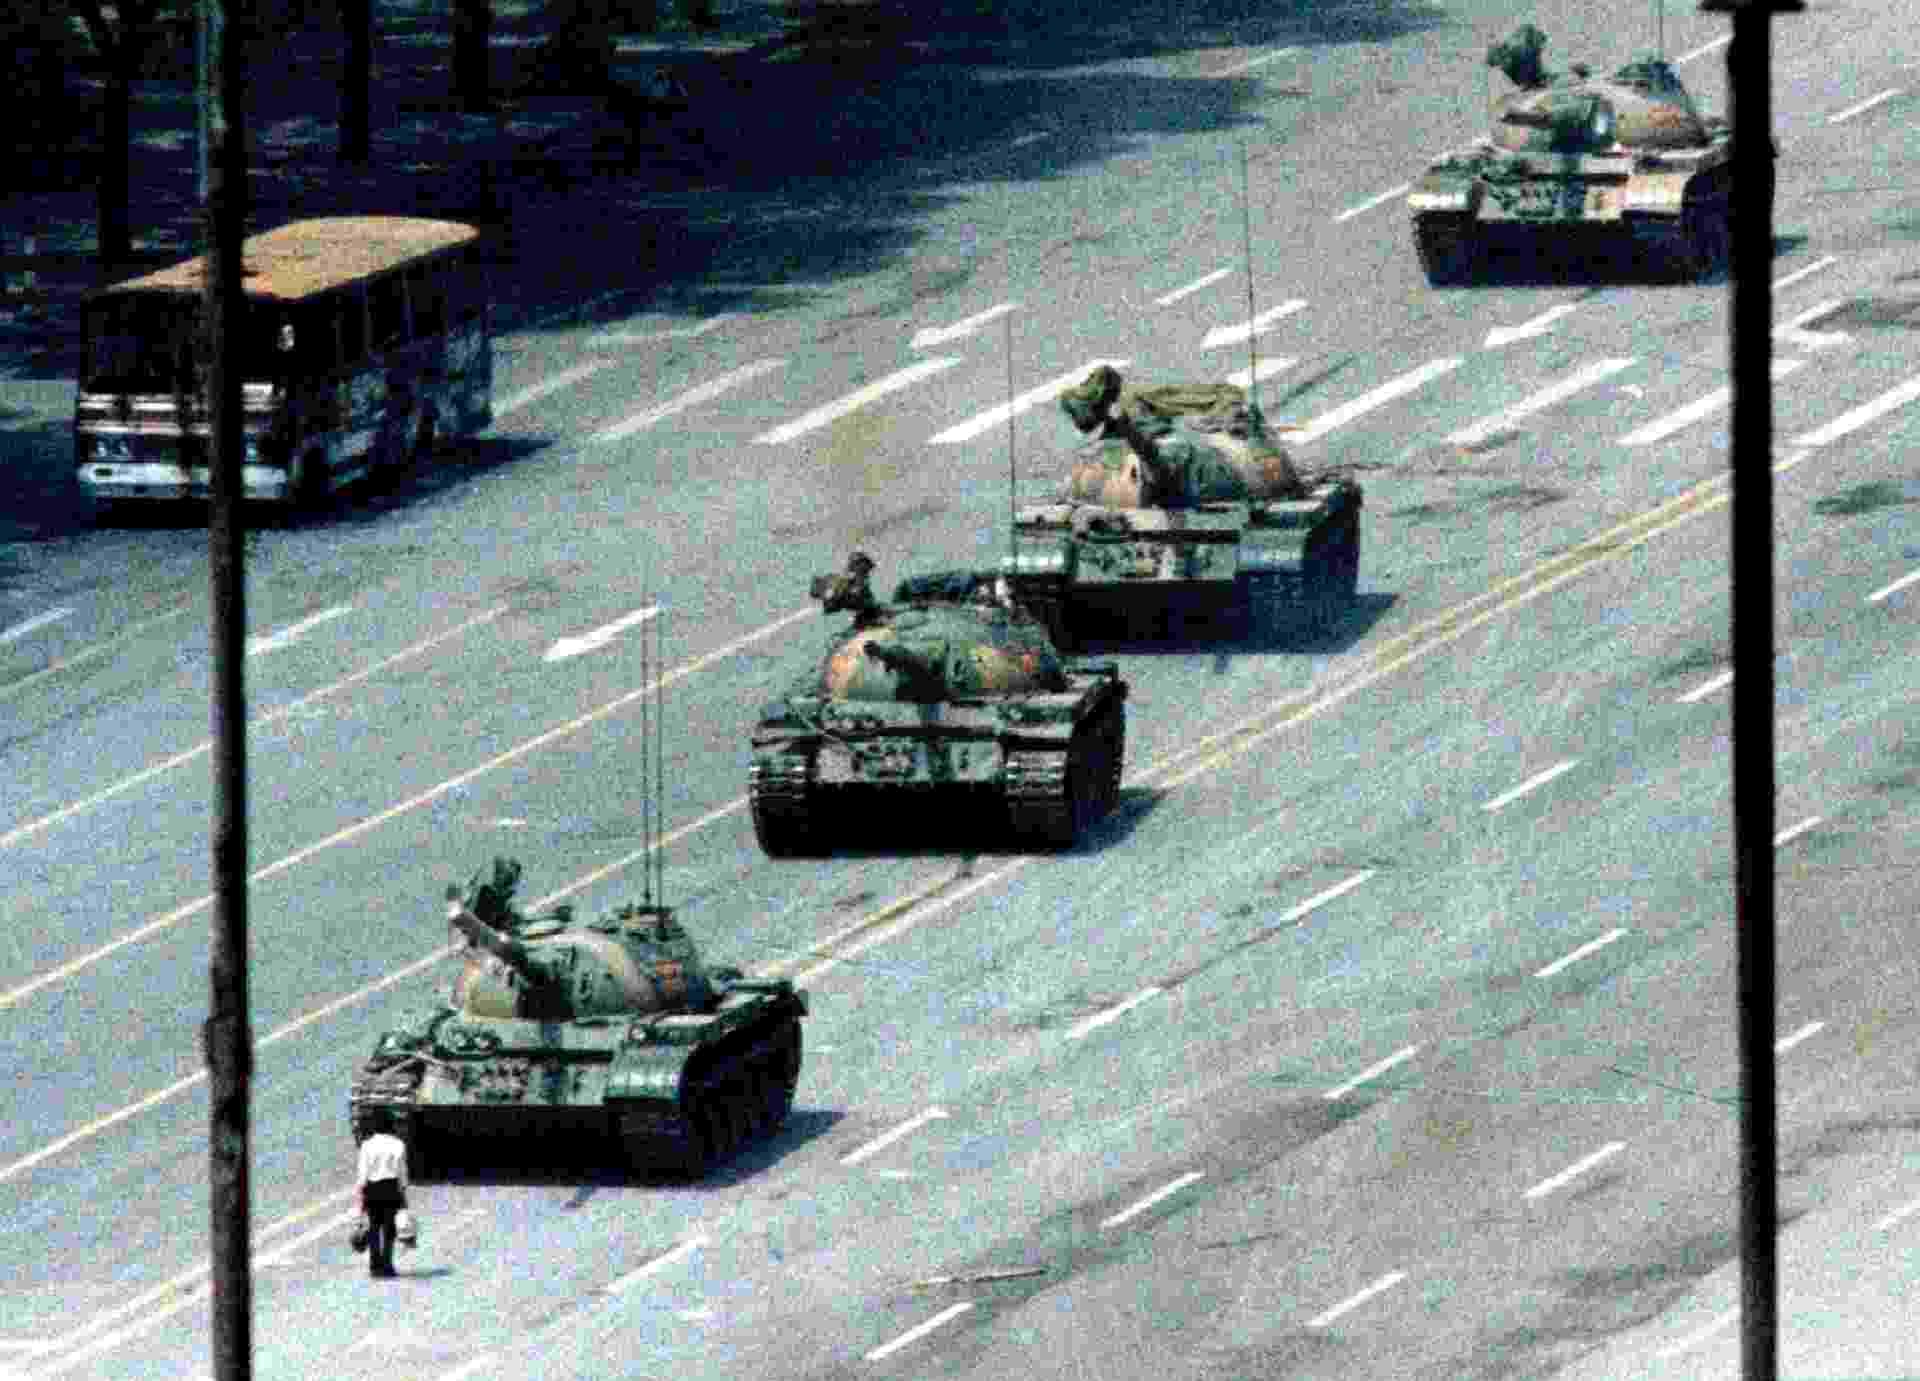 """5.jun.1989 - A imagem de um manifestante diante de uma coluna de tanques tornou-se ícone do massacre da Paz Celestial. A foto chamada de """"O Rebelde Desconhecido de Tiananmen"""" foi feita por Jeff Widener, concorreu ao Prêmio Pulitzer e ganhou diversos prêmios. O homem solitário, que jamais foi identificado, ganhou o apelido de """"tank man"""" (o homem do tanque). A revista """"Time"""" apontou o """"tank man"""" como uma das cem pessoas mais influentes do século 20 - 5.jun.1989 - Jeff Widener/Reuters"""